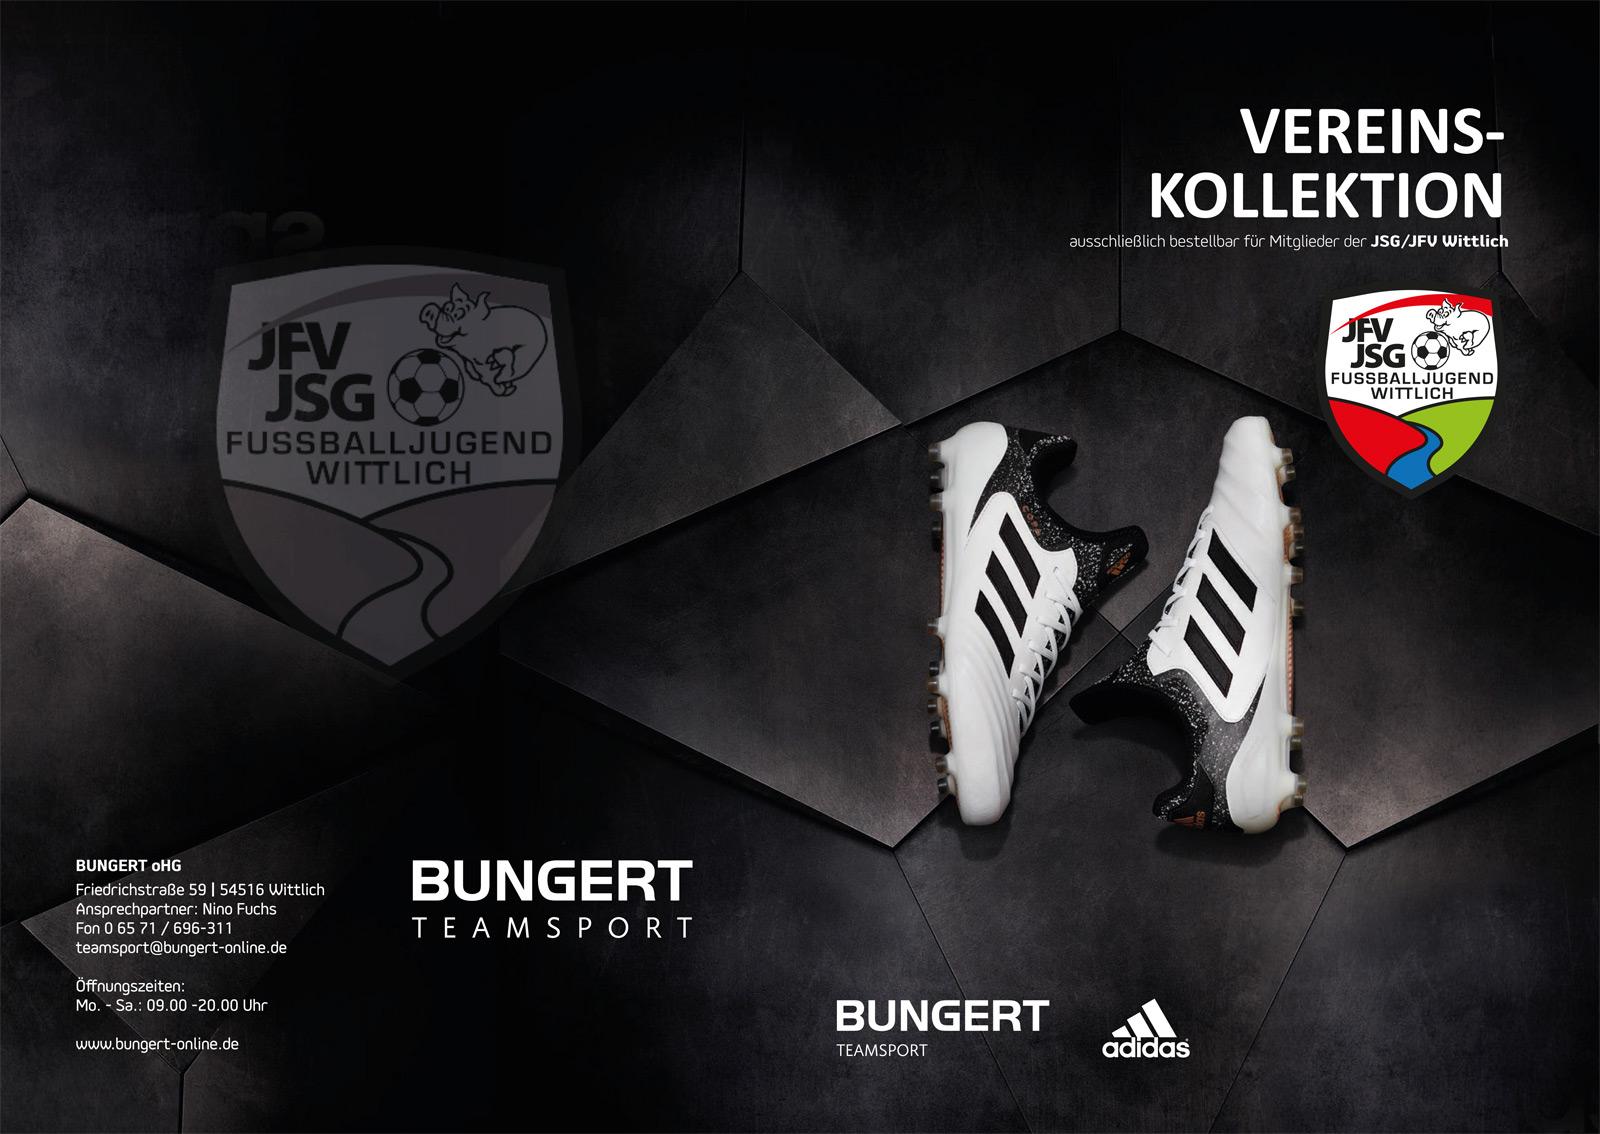 Bungert-Teamsport